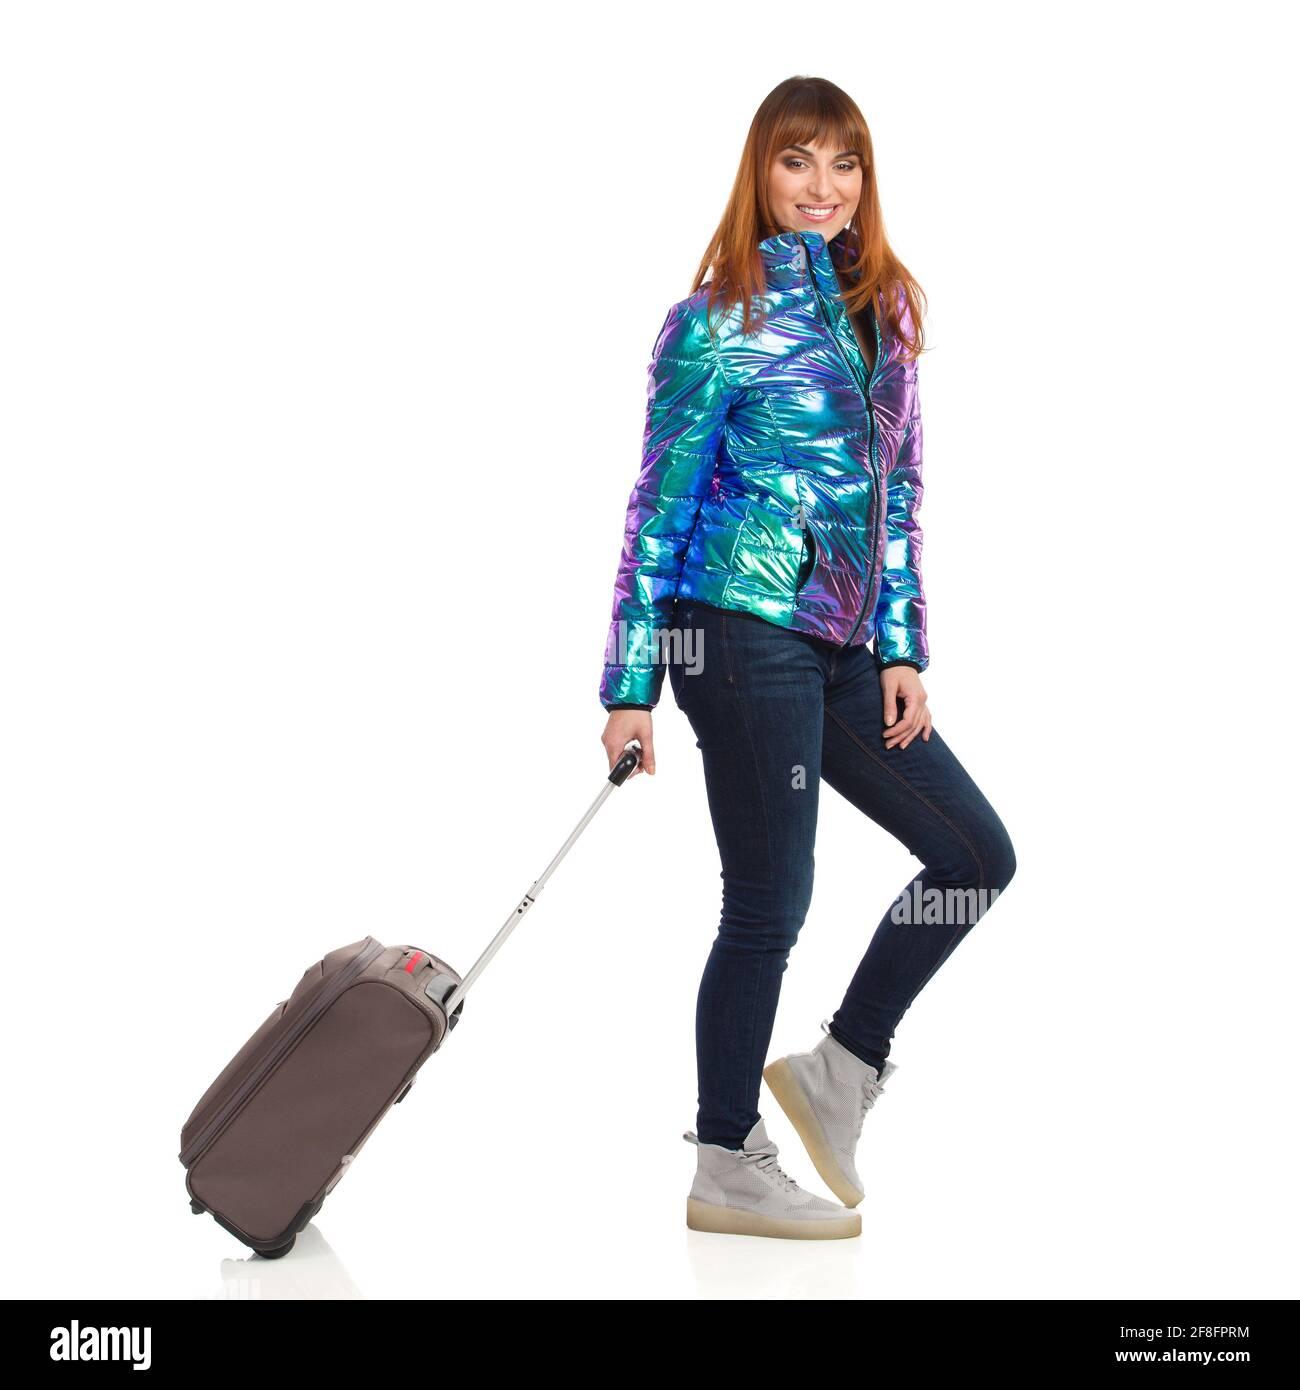 Une jeune femme en veste en duvet brillante et éclatante marche avec un sac trollay, regarde l'appareil photo et sourit. Vue latérale. Prise de vue en studio pleine longueur isolée o Banque D'Images